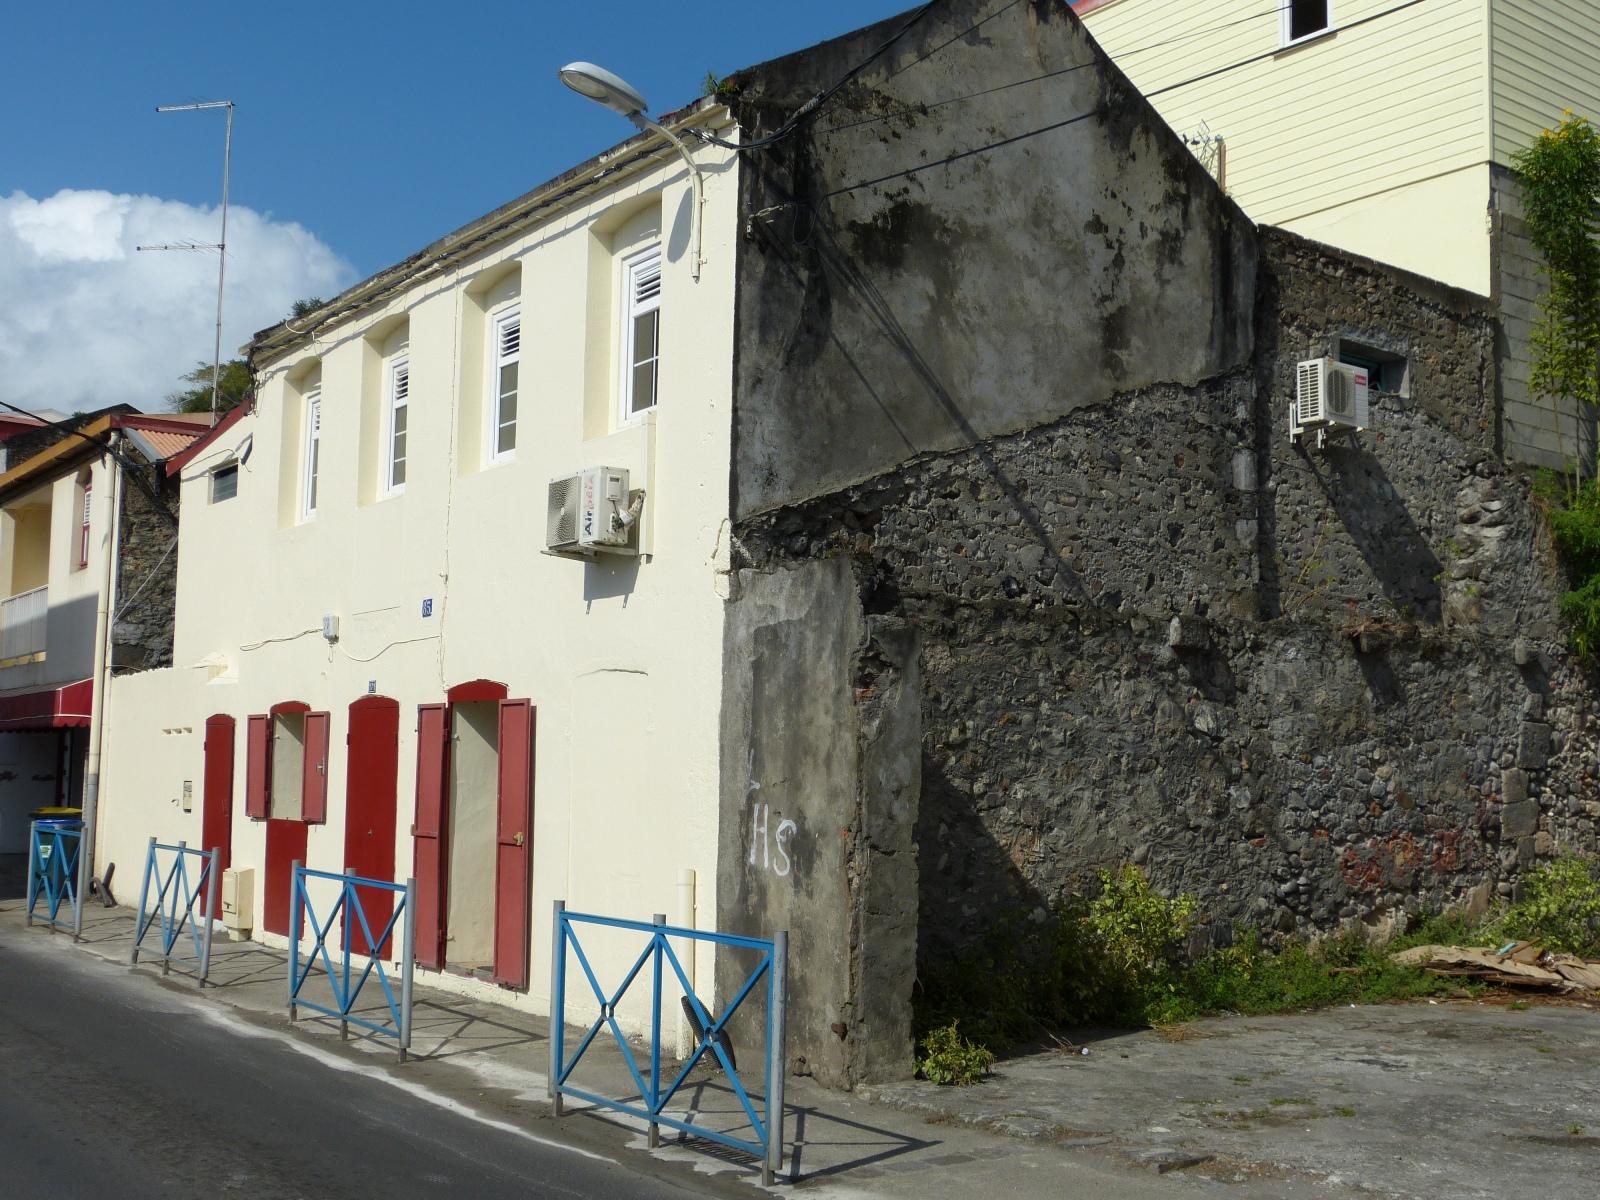 בניין בעיירה סנט פייר של היום. שימו לב שהוא בנוי על קיר אבן מבניין שנהרס